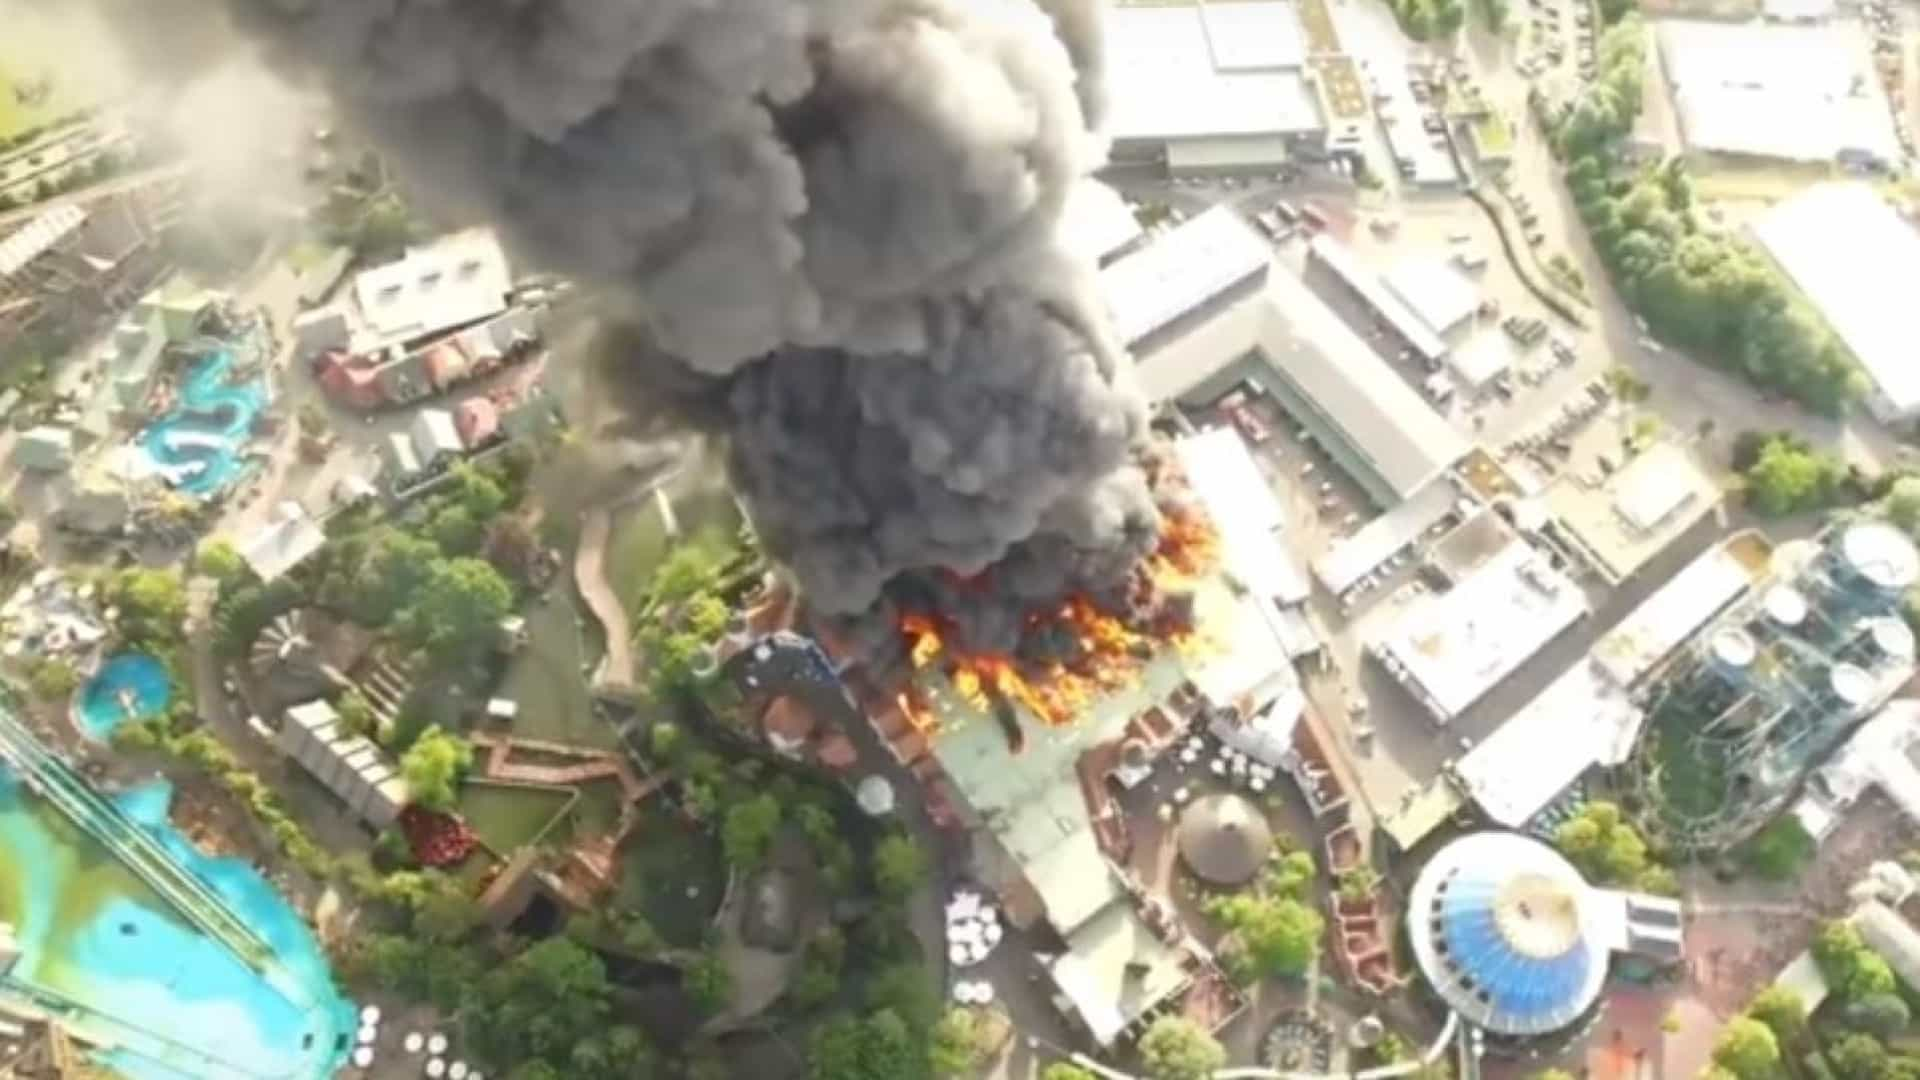 O Europa-Park ardeu. Chamas chegaram a 15 metros de altura